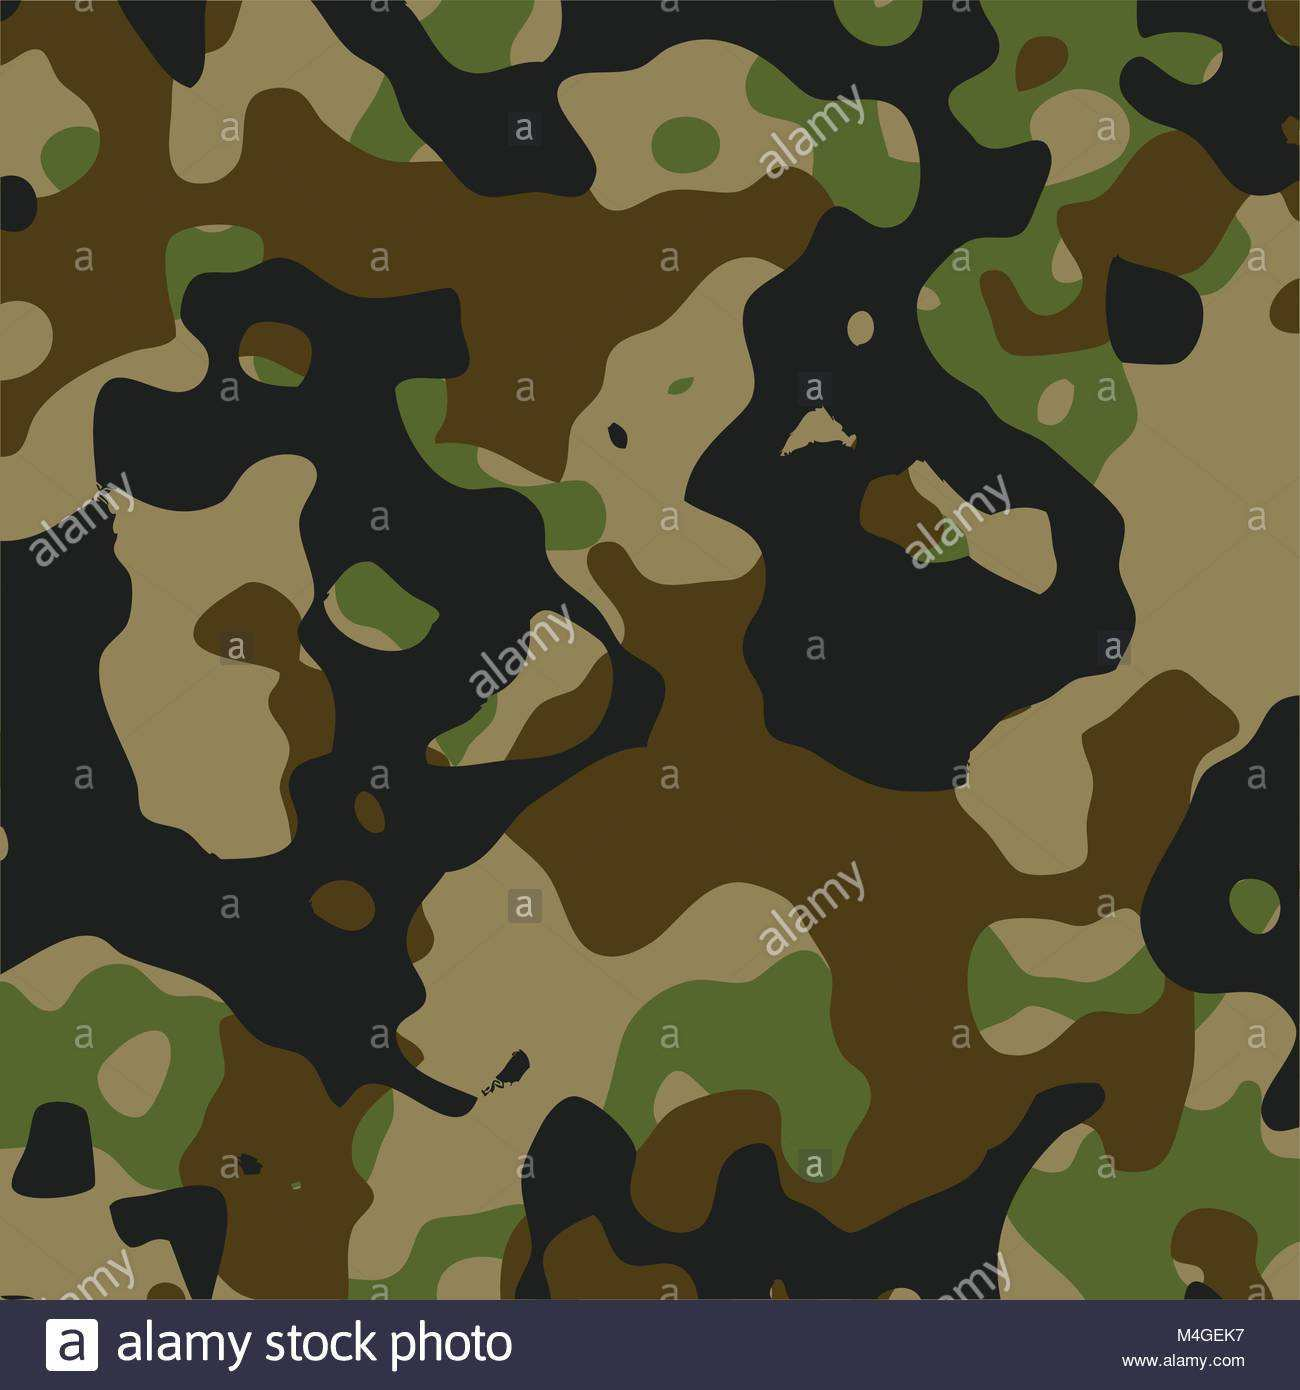 Grun Und Schwarz Camouflage Muster Military Style Camo Hintergrund Stock Vektorgrafik Alamy